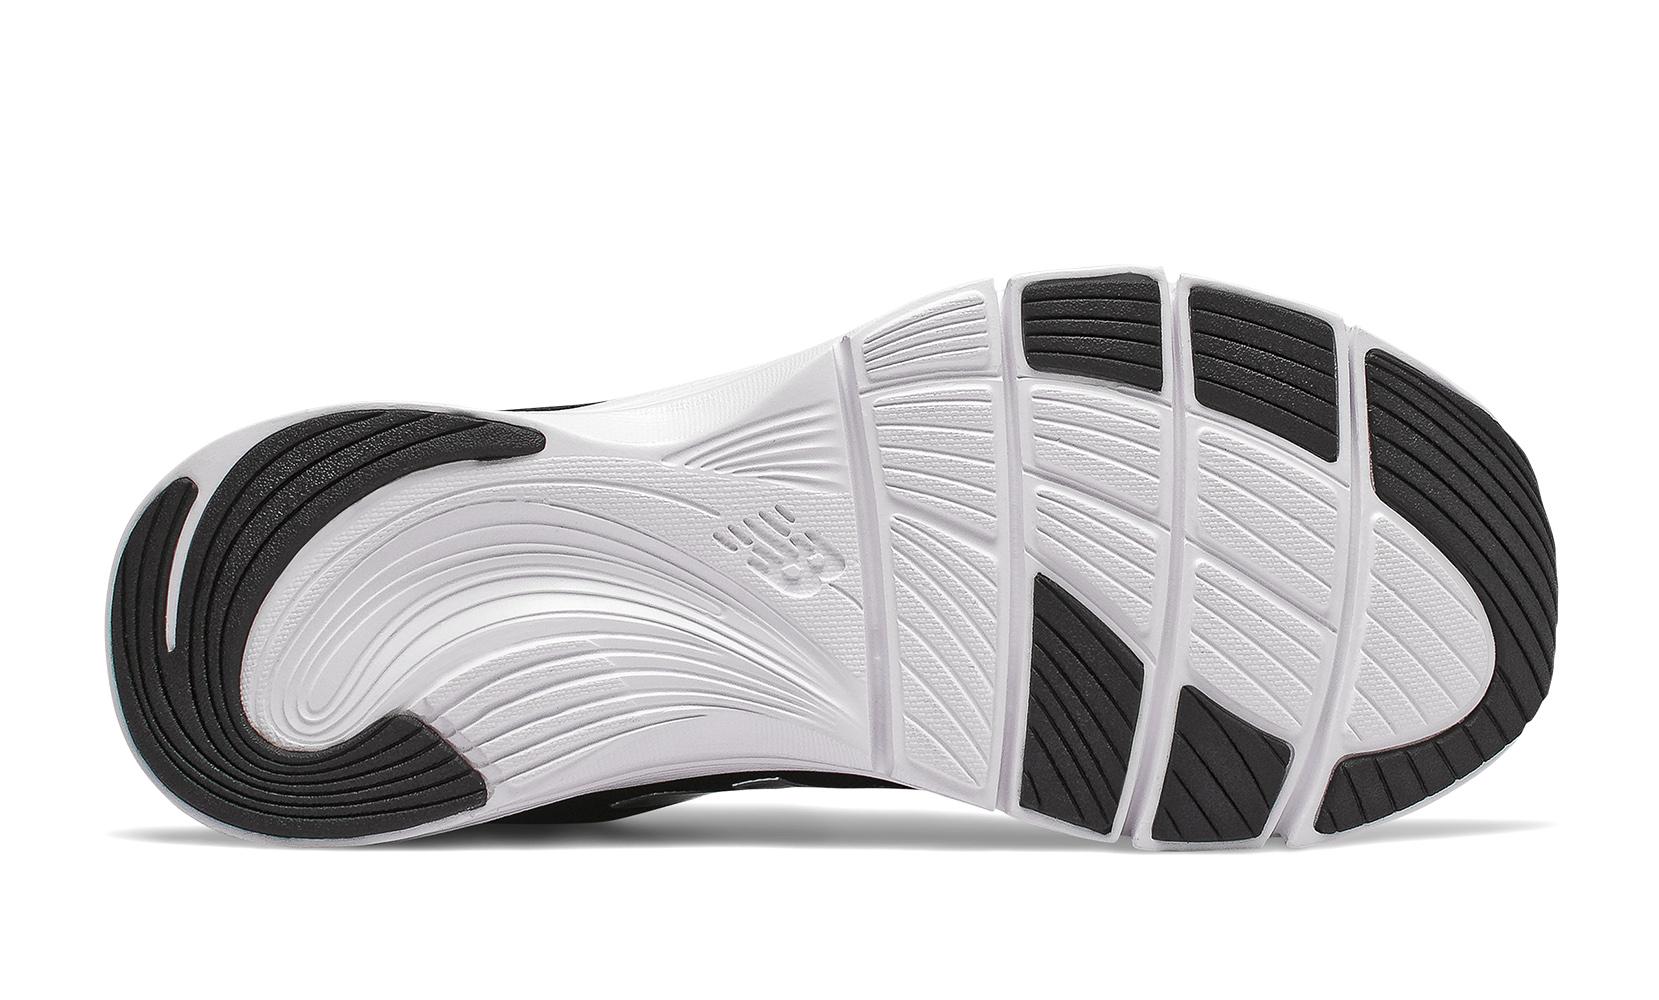 Жіноче взуття для тренувань Кросівки жін. 715 чорні WX715RE3   New Balance